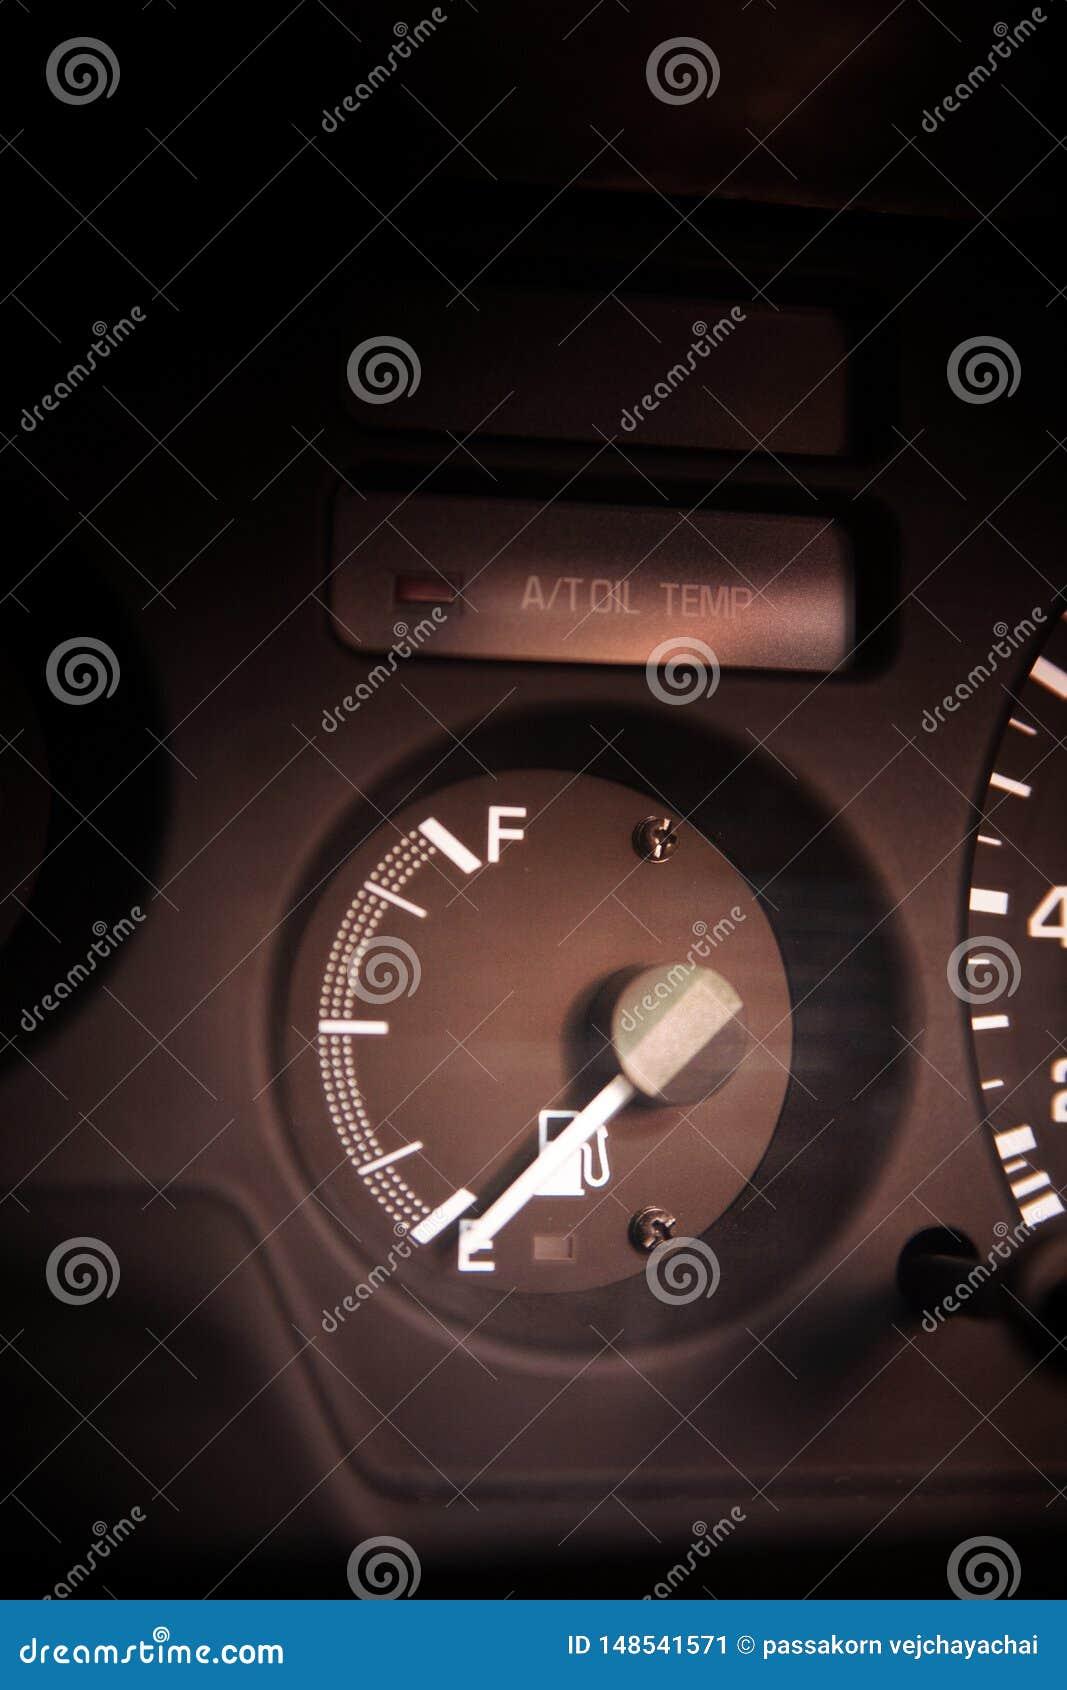 Απόσταση σε μίλια αυτοκινήτων